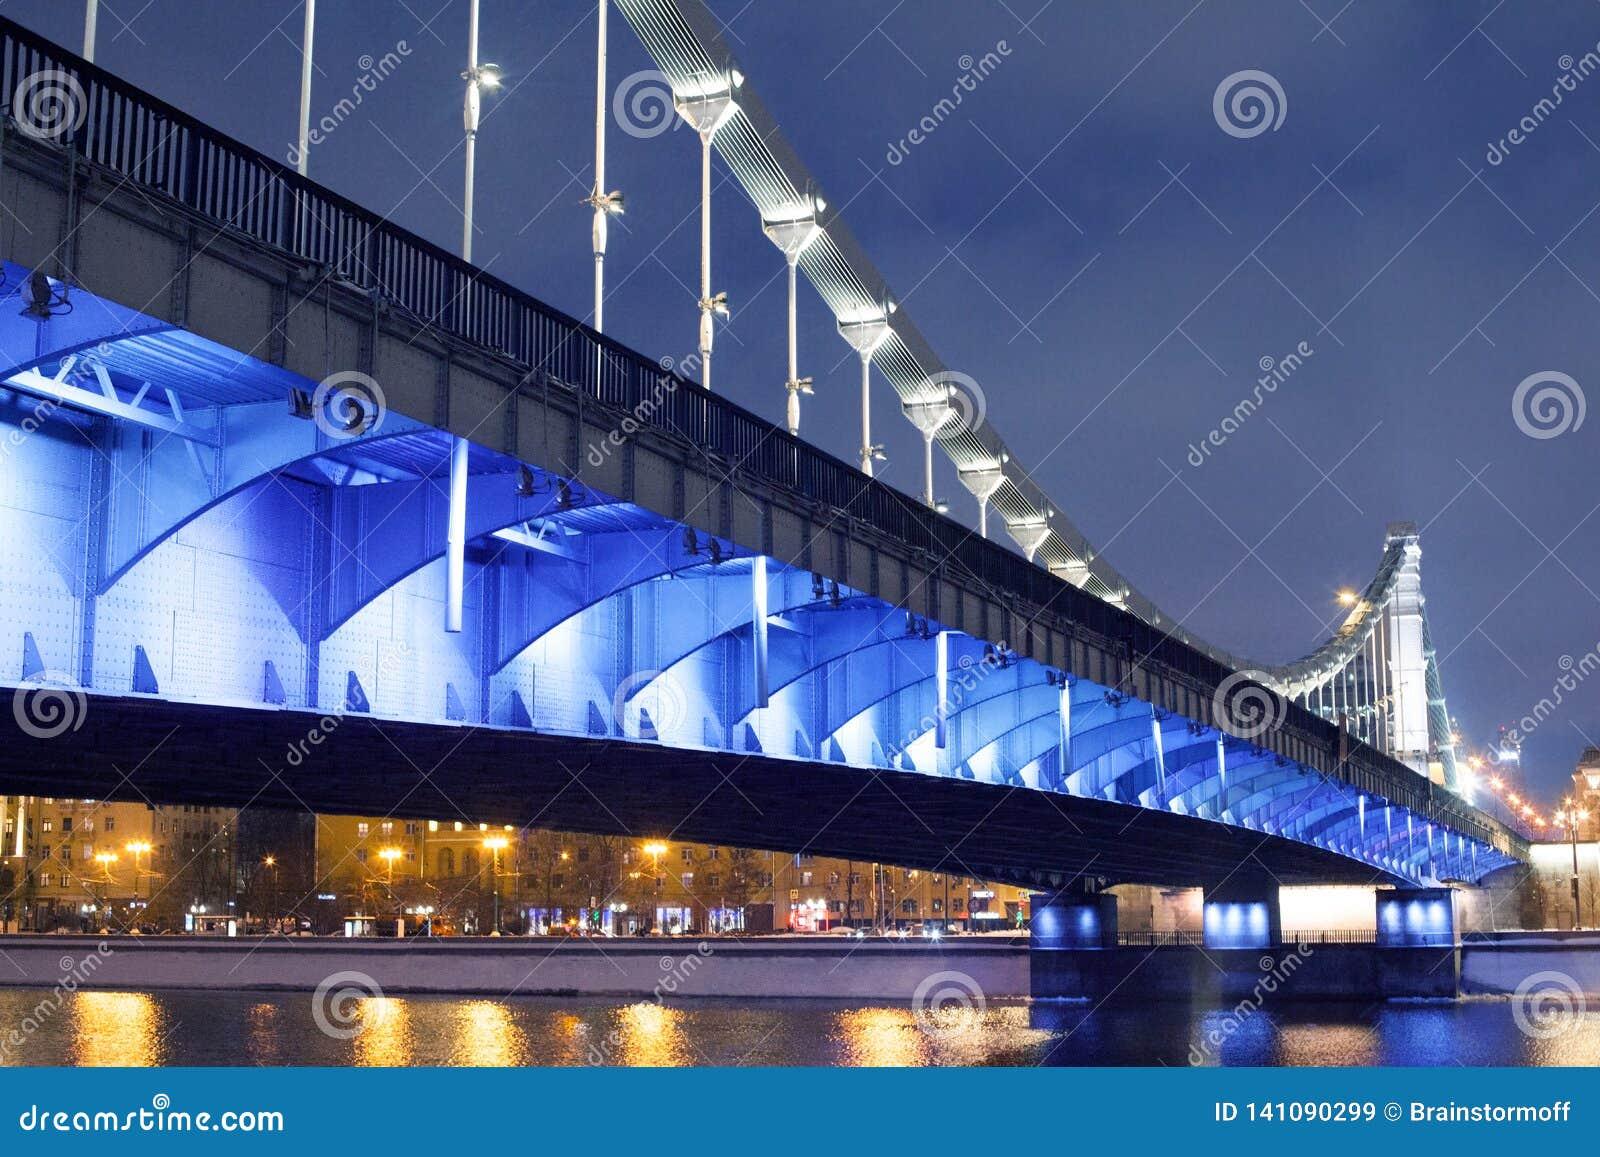 Krymsky most lub Krymski most w Moskwa, Rosja nocy widok z błękitną iluminacją